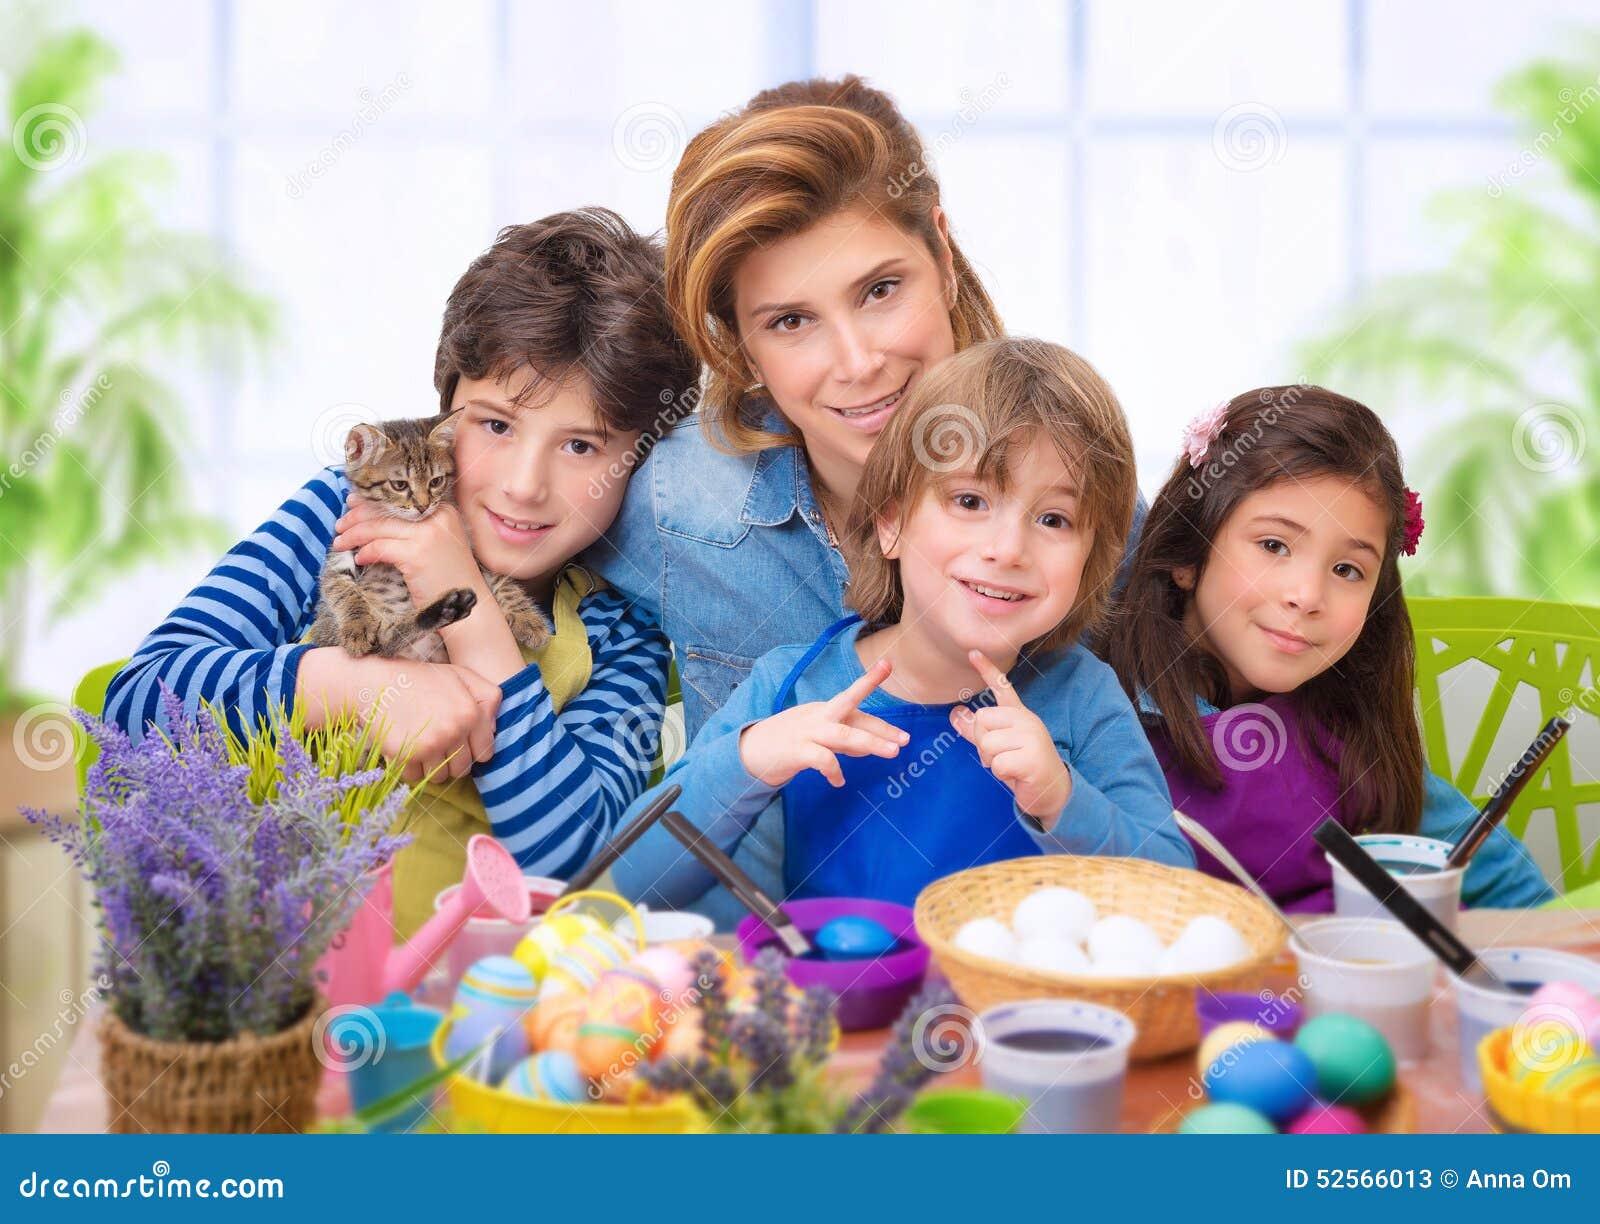 Familienporträt in Ostern-Zeit